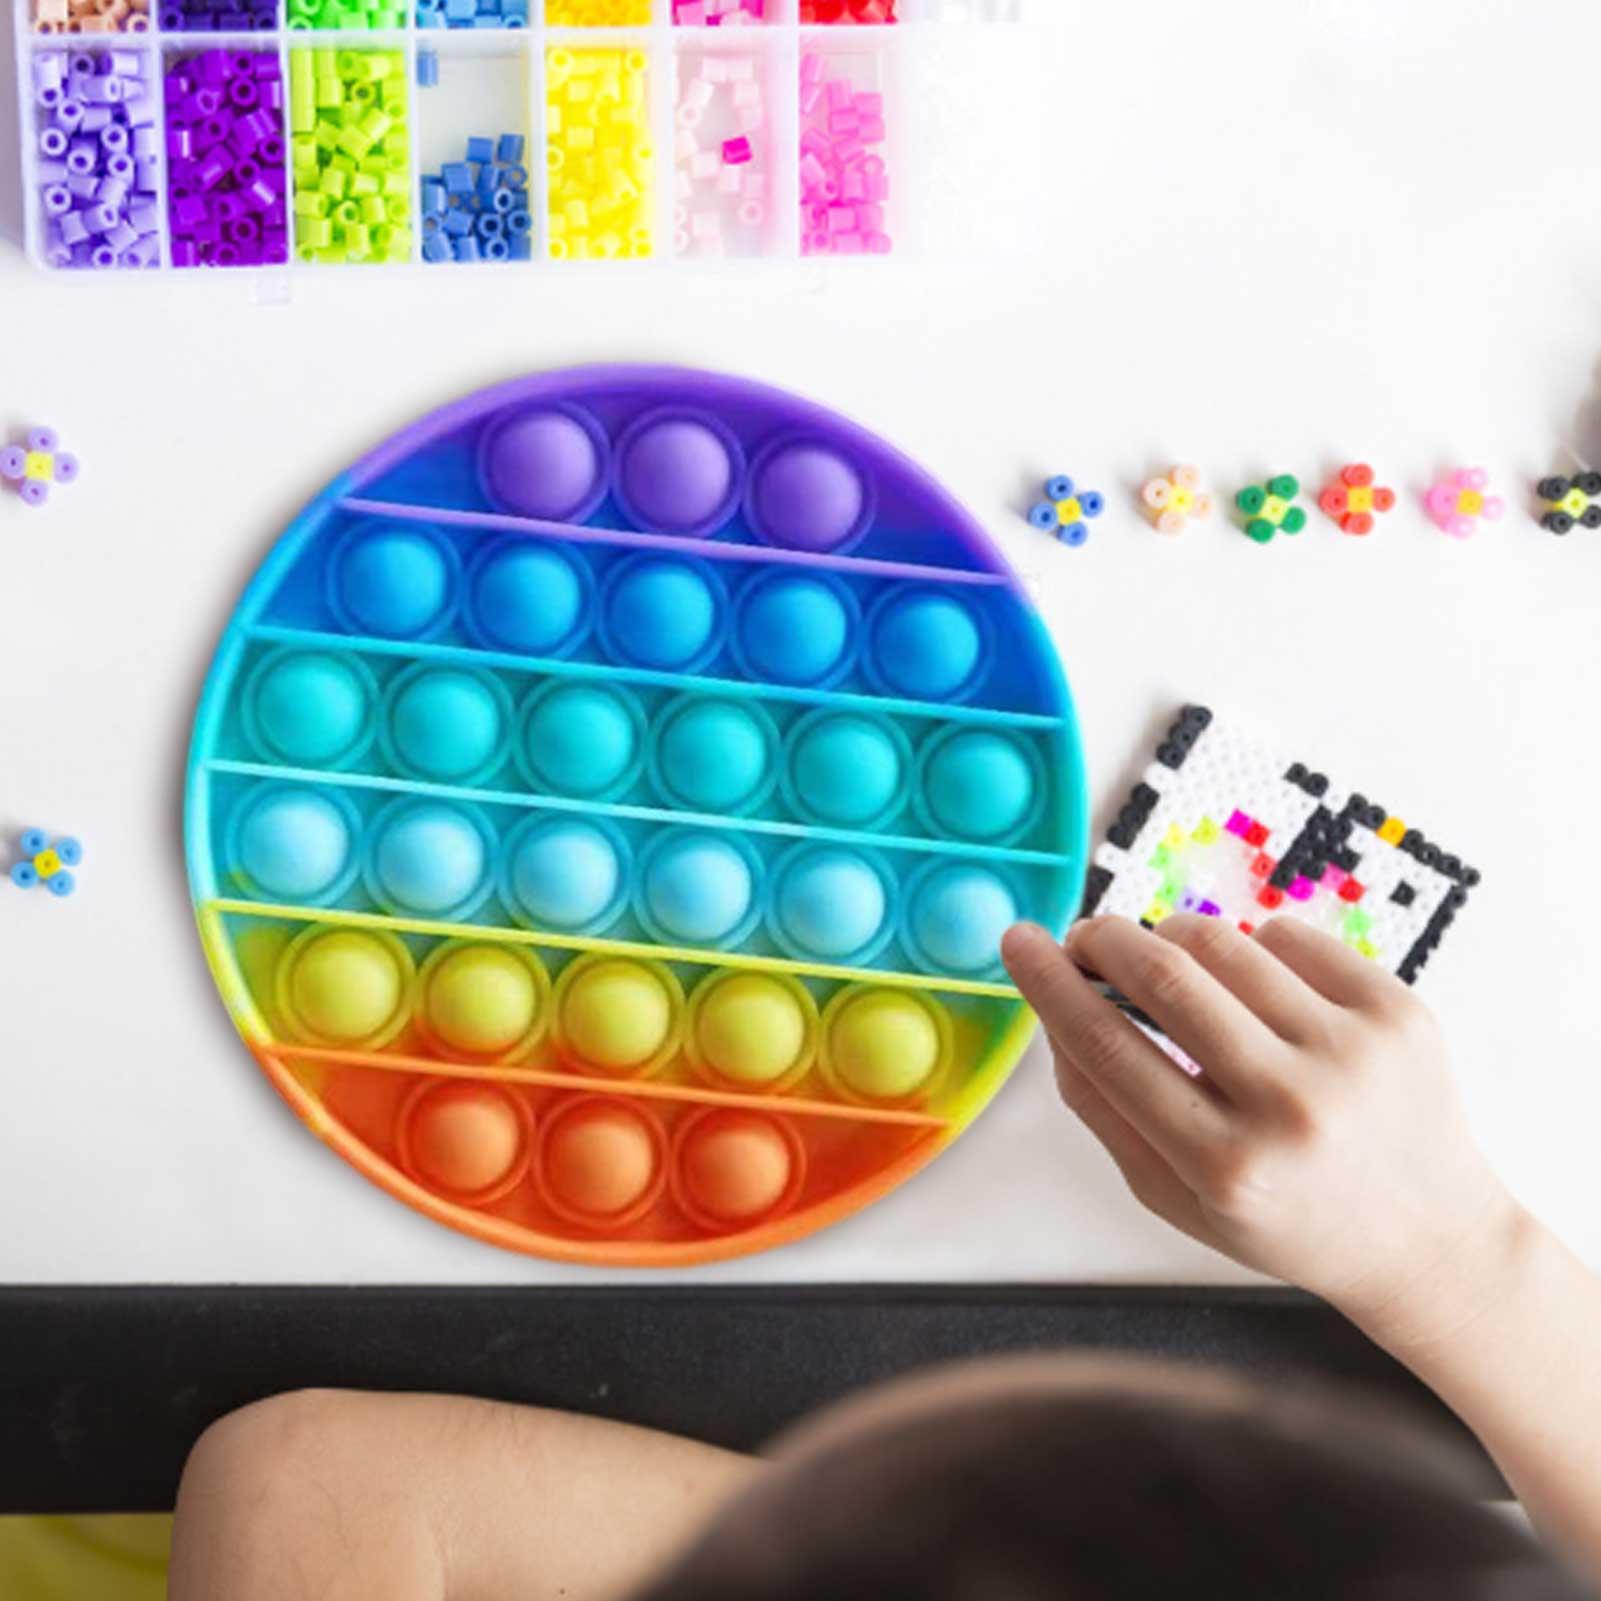 Simple Dimple Popit Fidget Toys Push Bubble Fidget Sensory Toy Autism Special Needs Stress Reliever Antistress